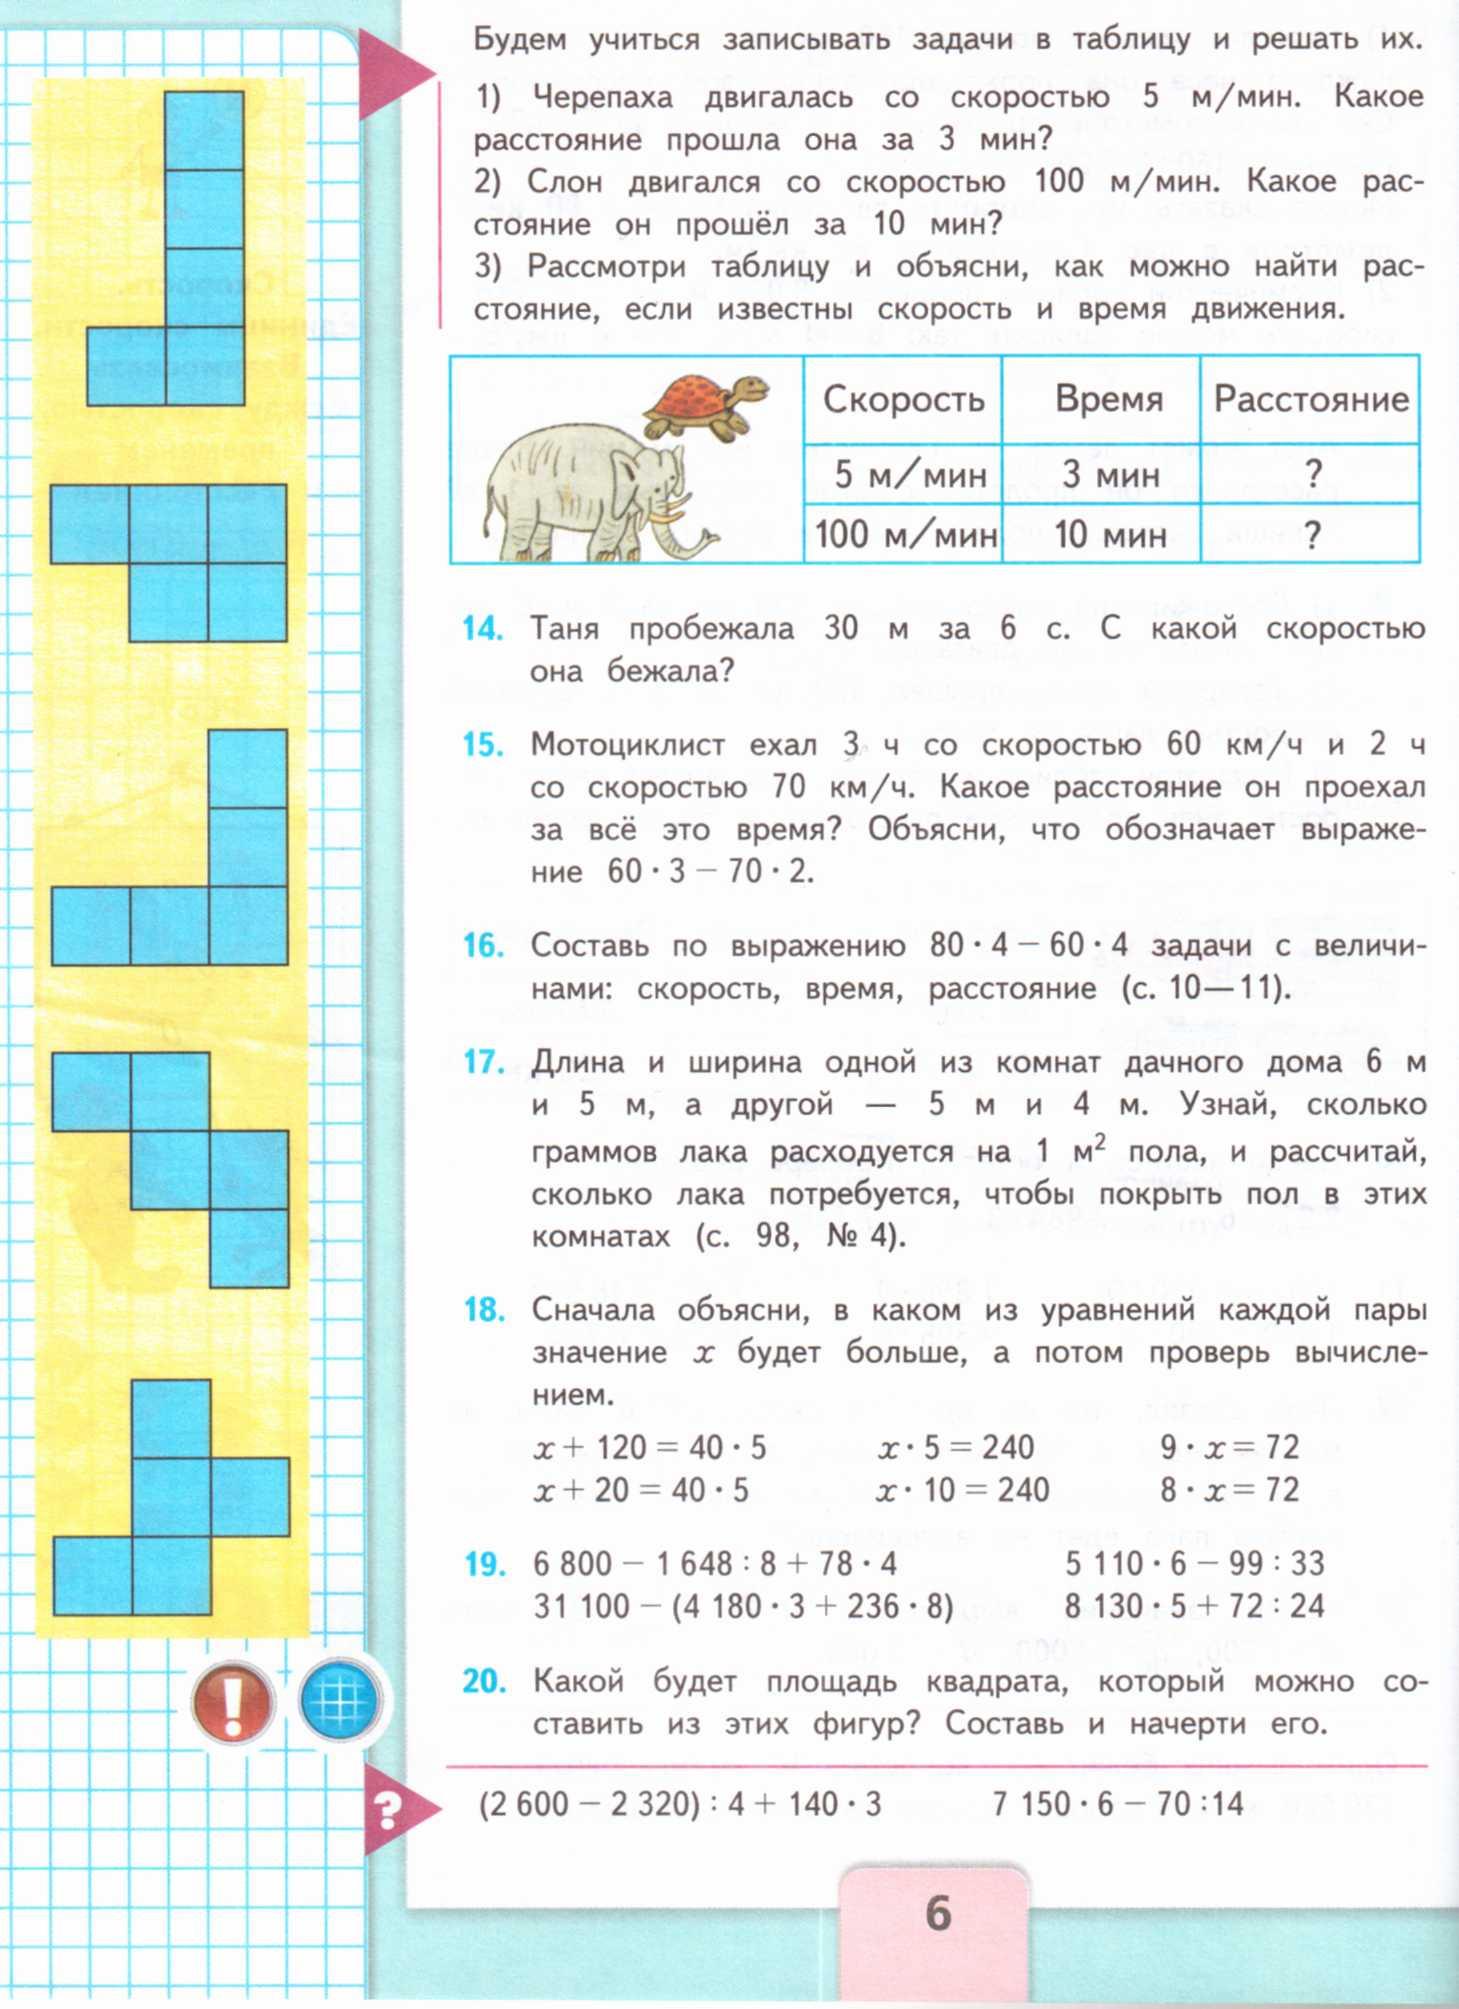 математике 4 по класса как задачу гдз решить